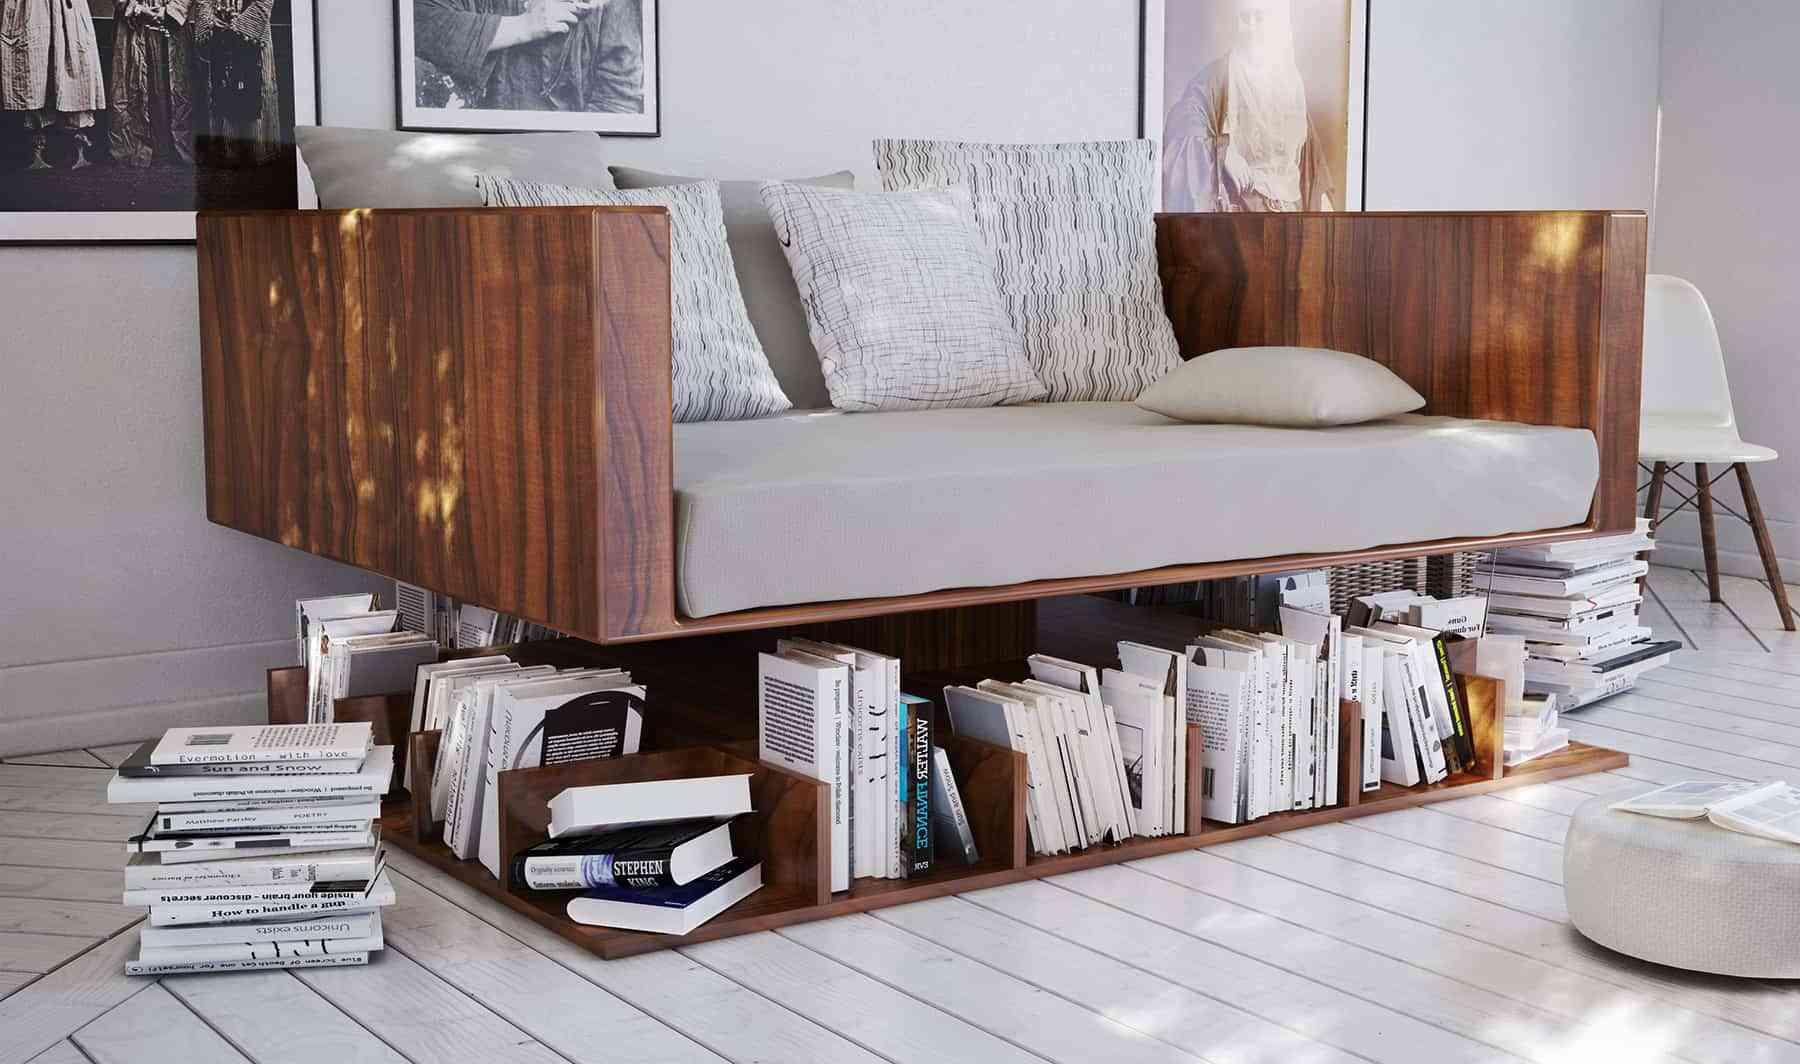 6 muebles funcionales y originales para tu vivienda decoraci n de interiores opendeco - Muebles funcionales para espacios reducidos ...